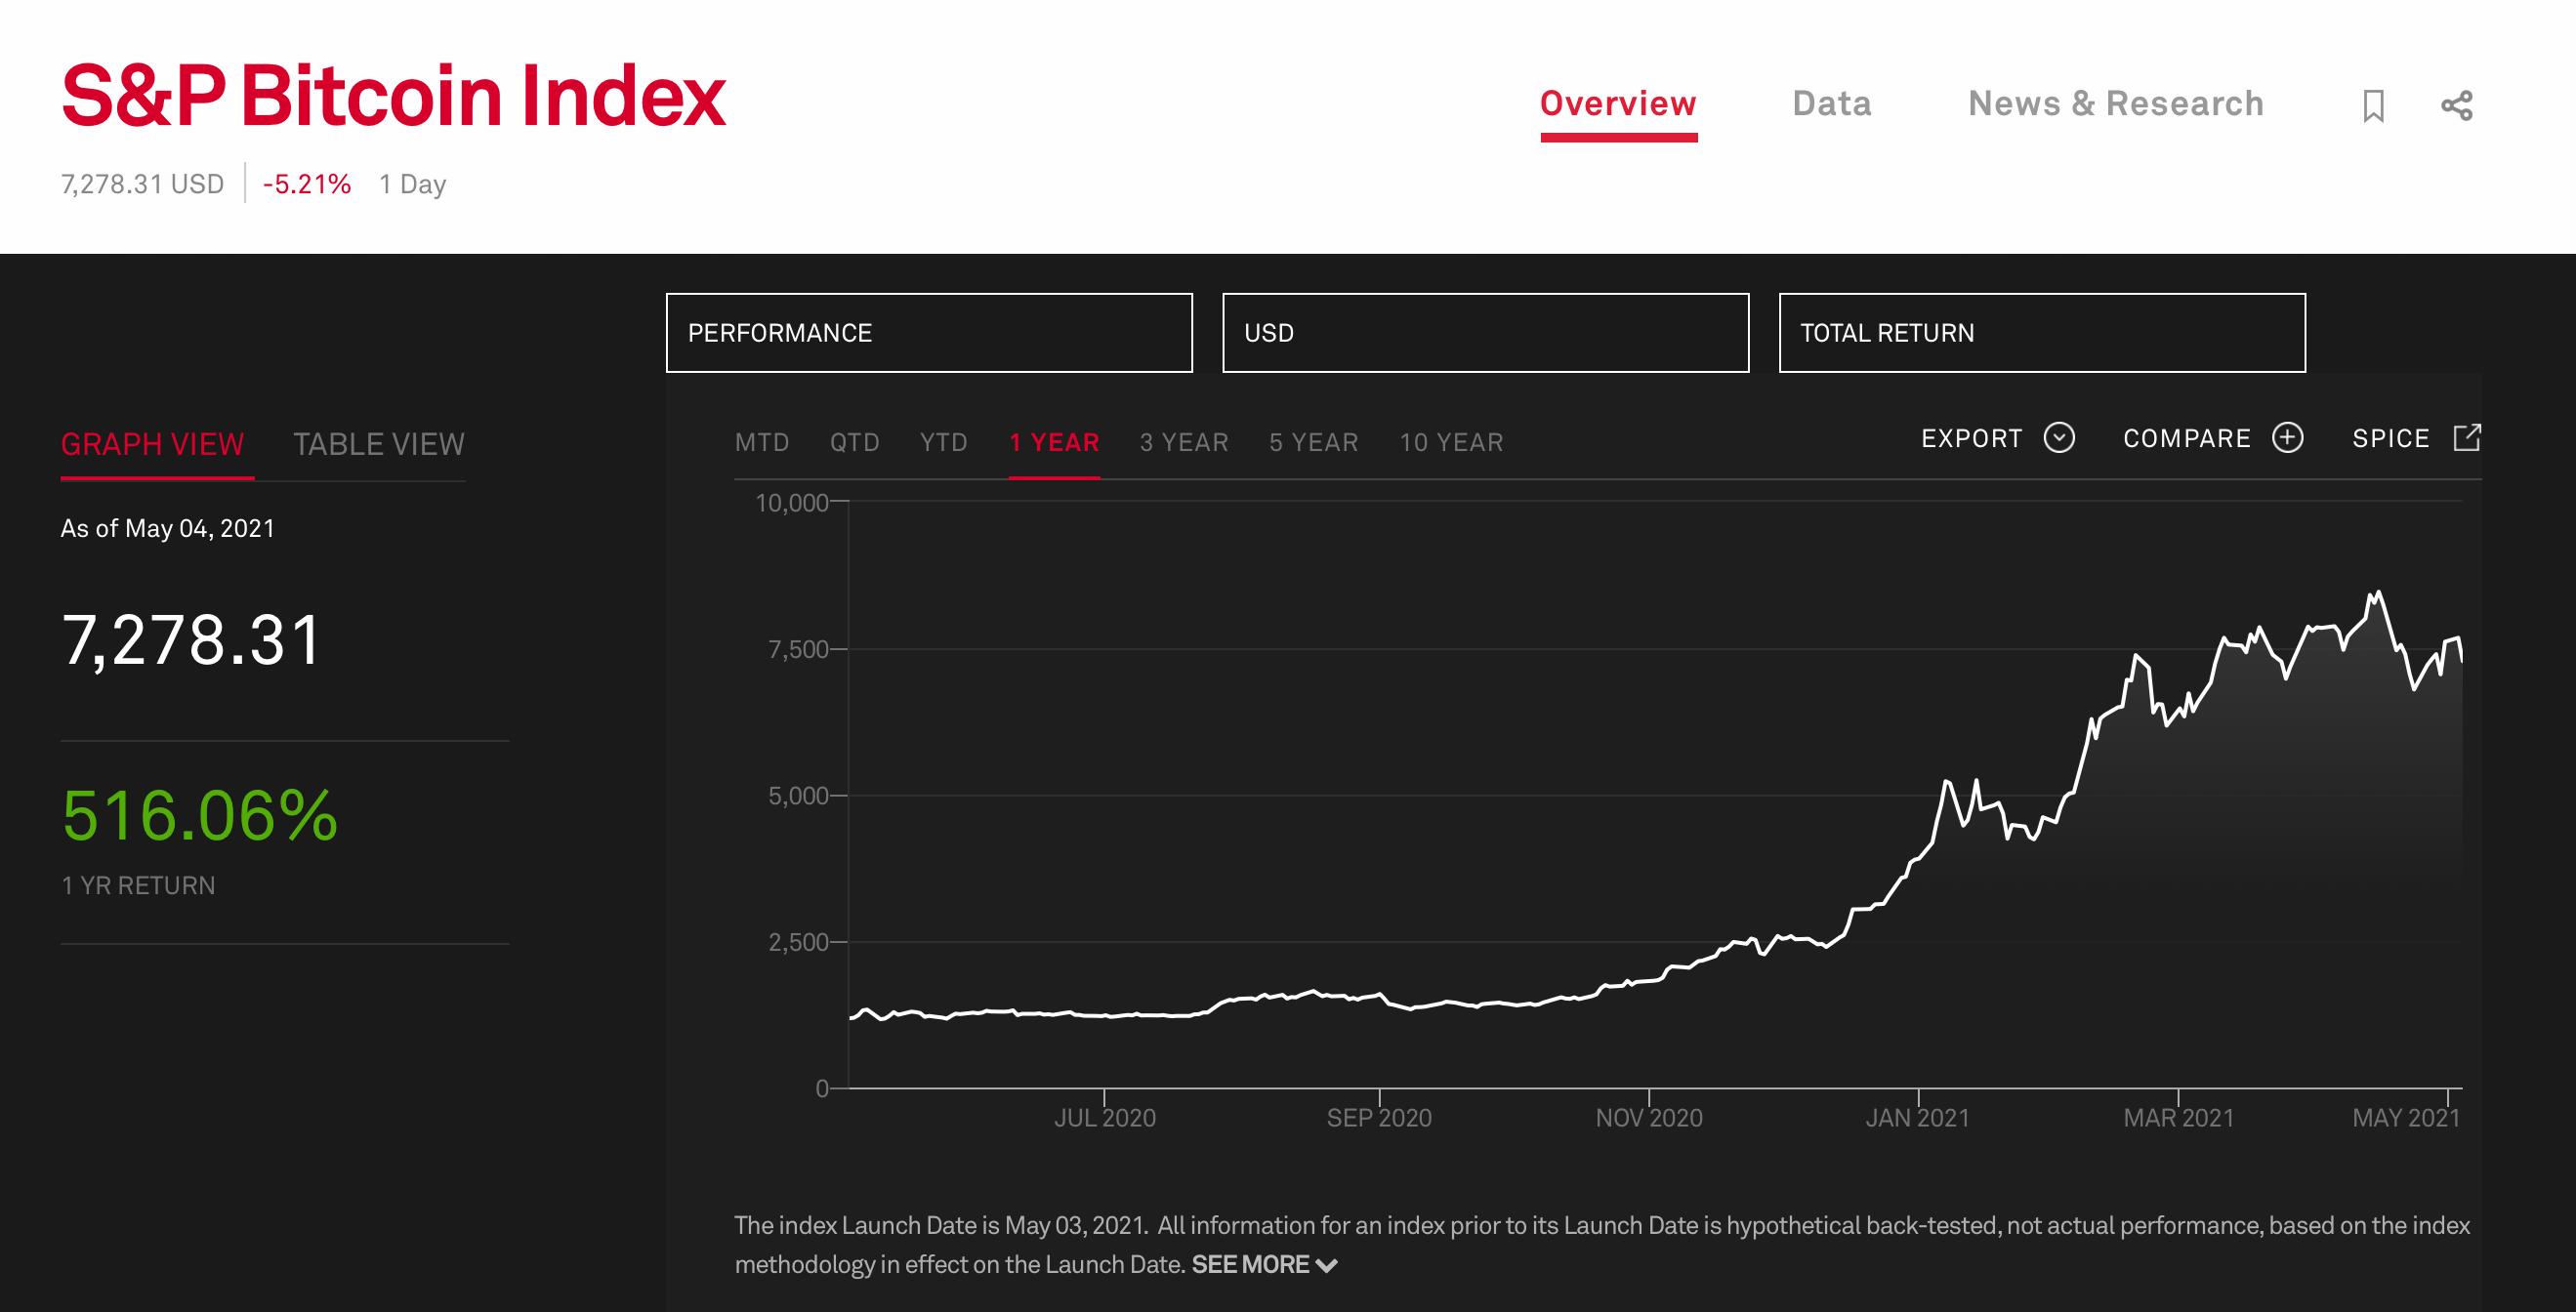 Биткоин индекс S&P